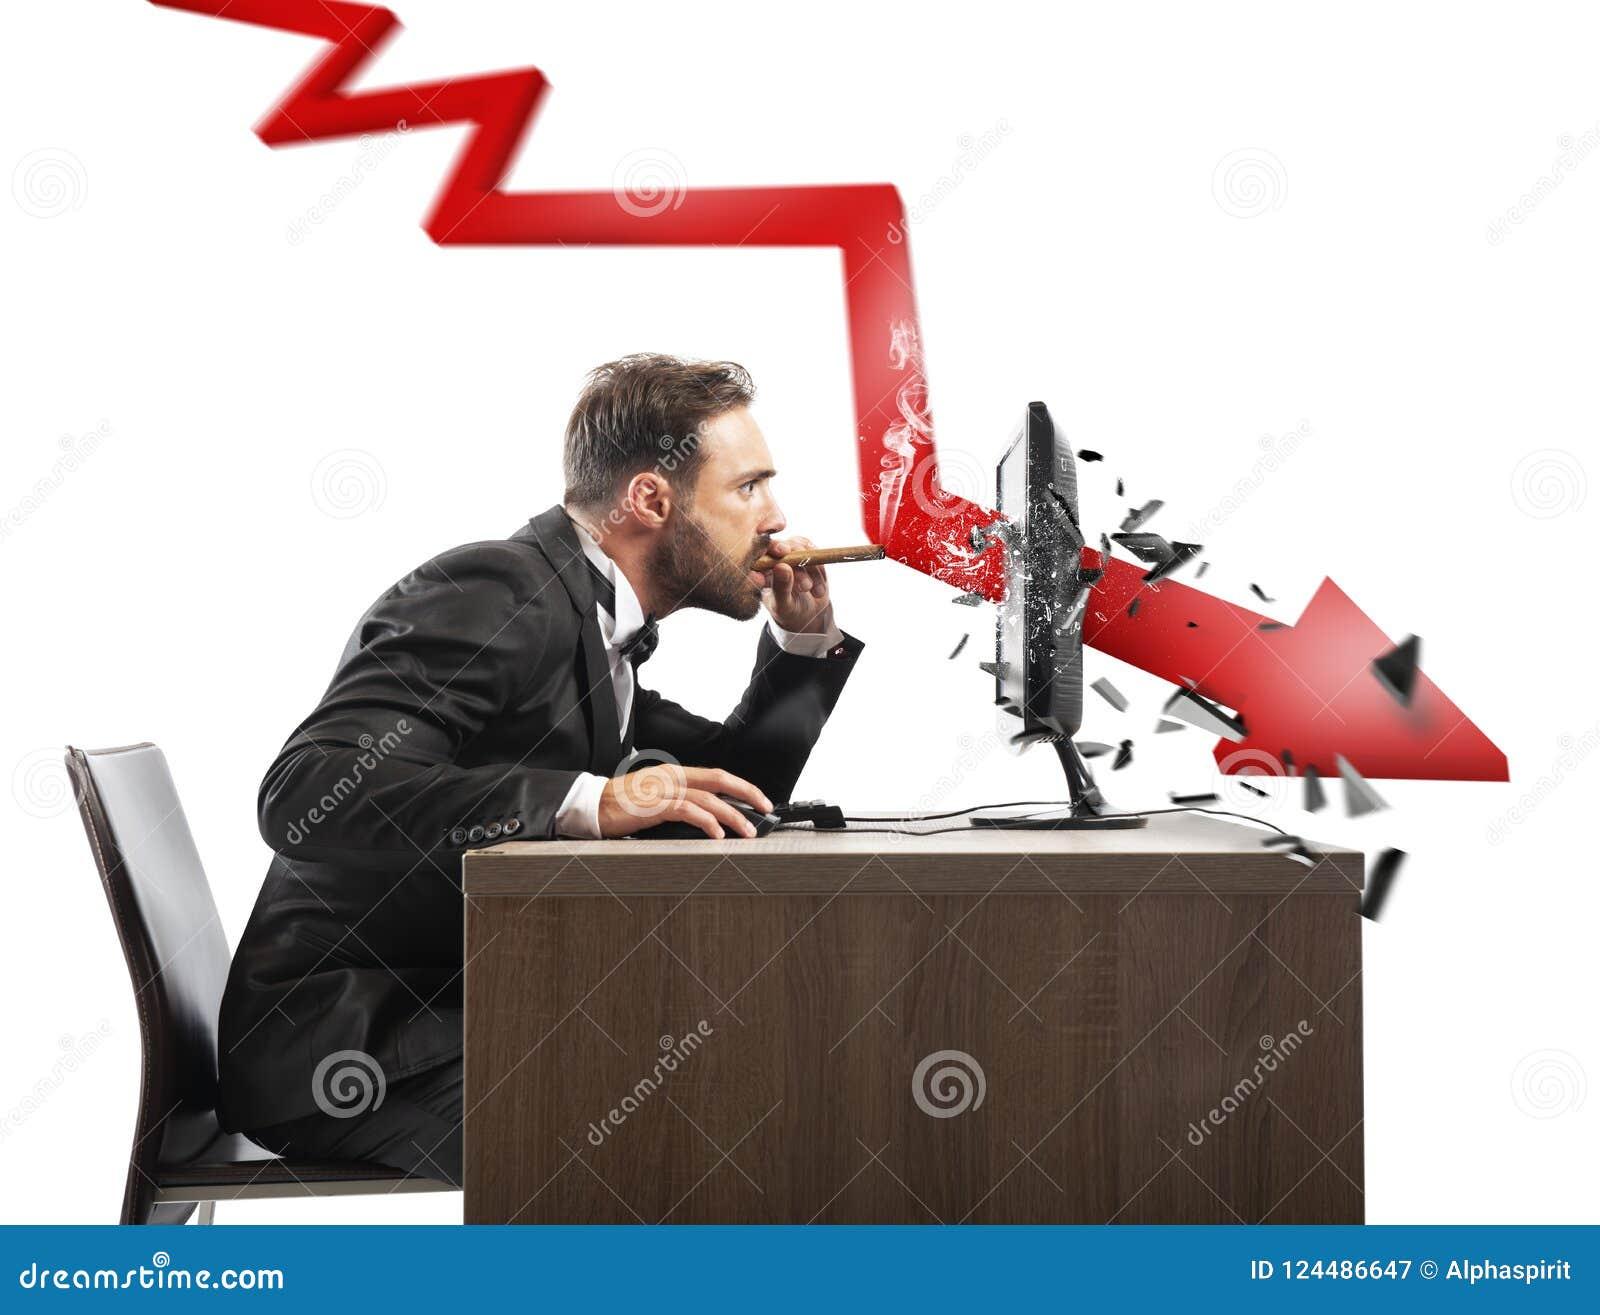 Olhar do homem de negócios o relatório negativo de sua empresa Uma seta vermelha quebra a tela